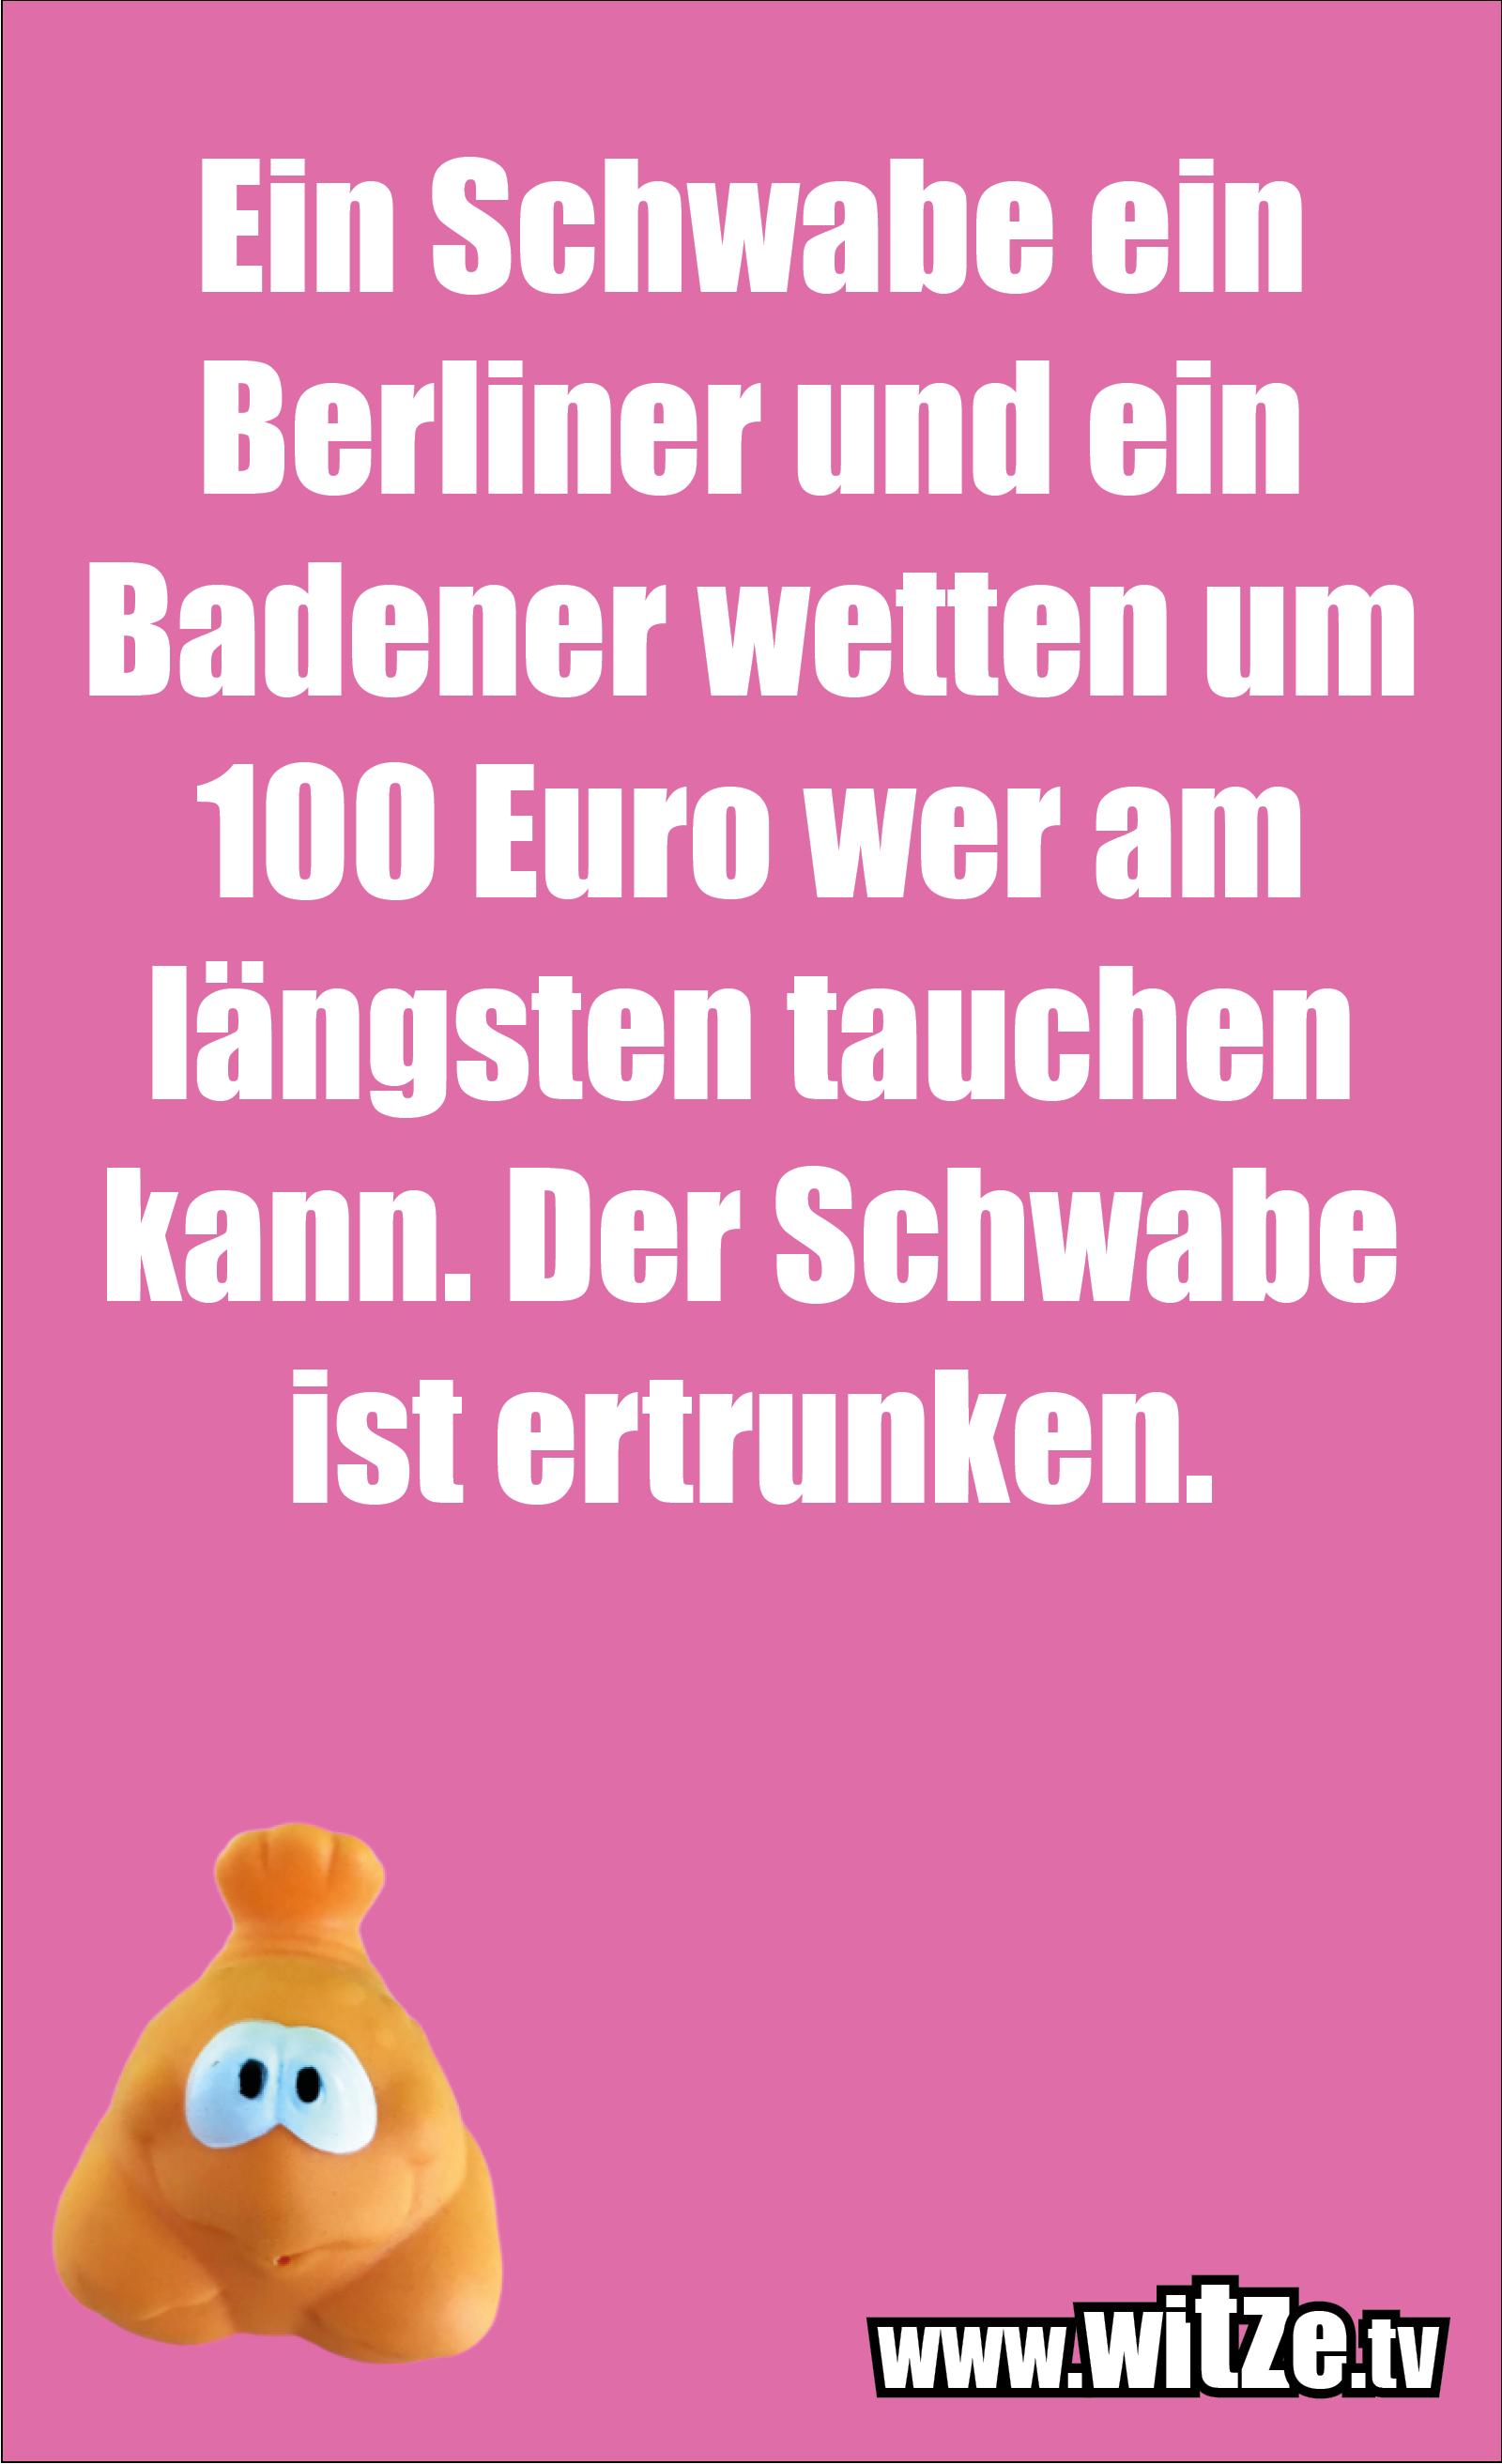 Schwaben Witz… Ein Schwabe ein Berliner und ein Badener wetten um 100 Euro wer am längsten tauchen kann. Der Schwabe ist ertrunken.